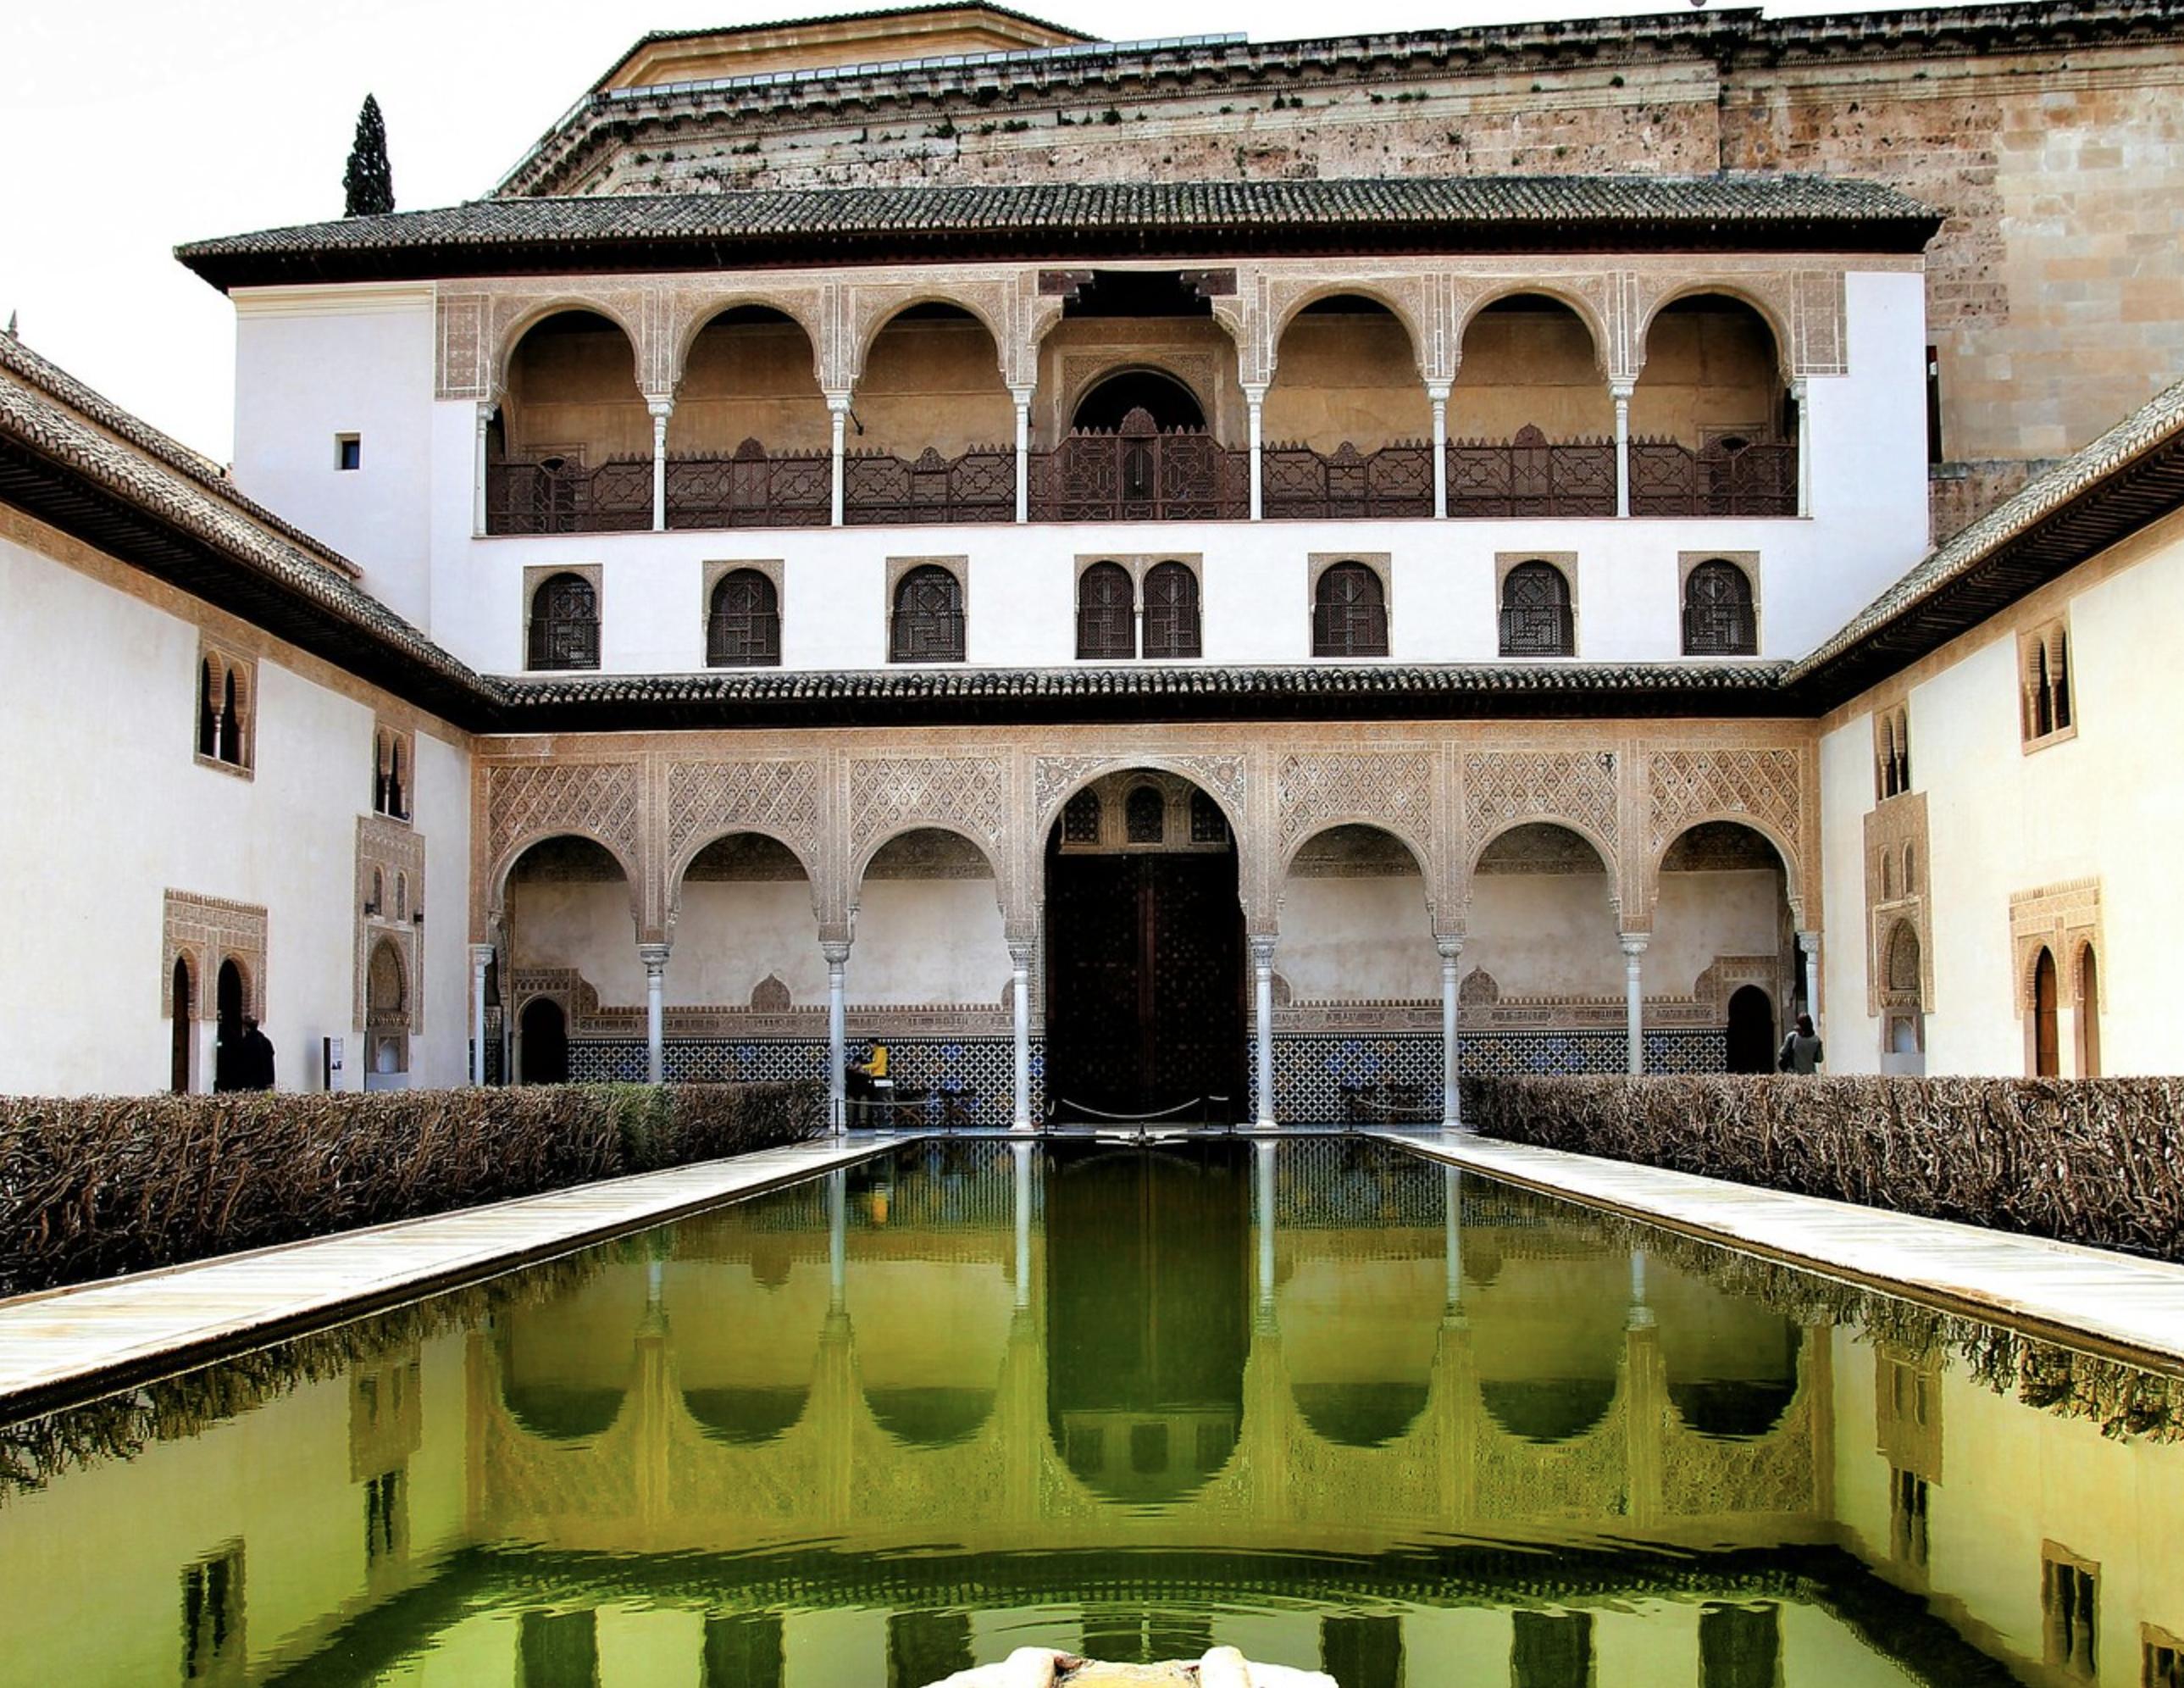 El Comité Español de Historia del Arte premia un TFM de la Universidad de Granada sobre salones protocolarios en palacios islámicos